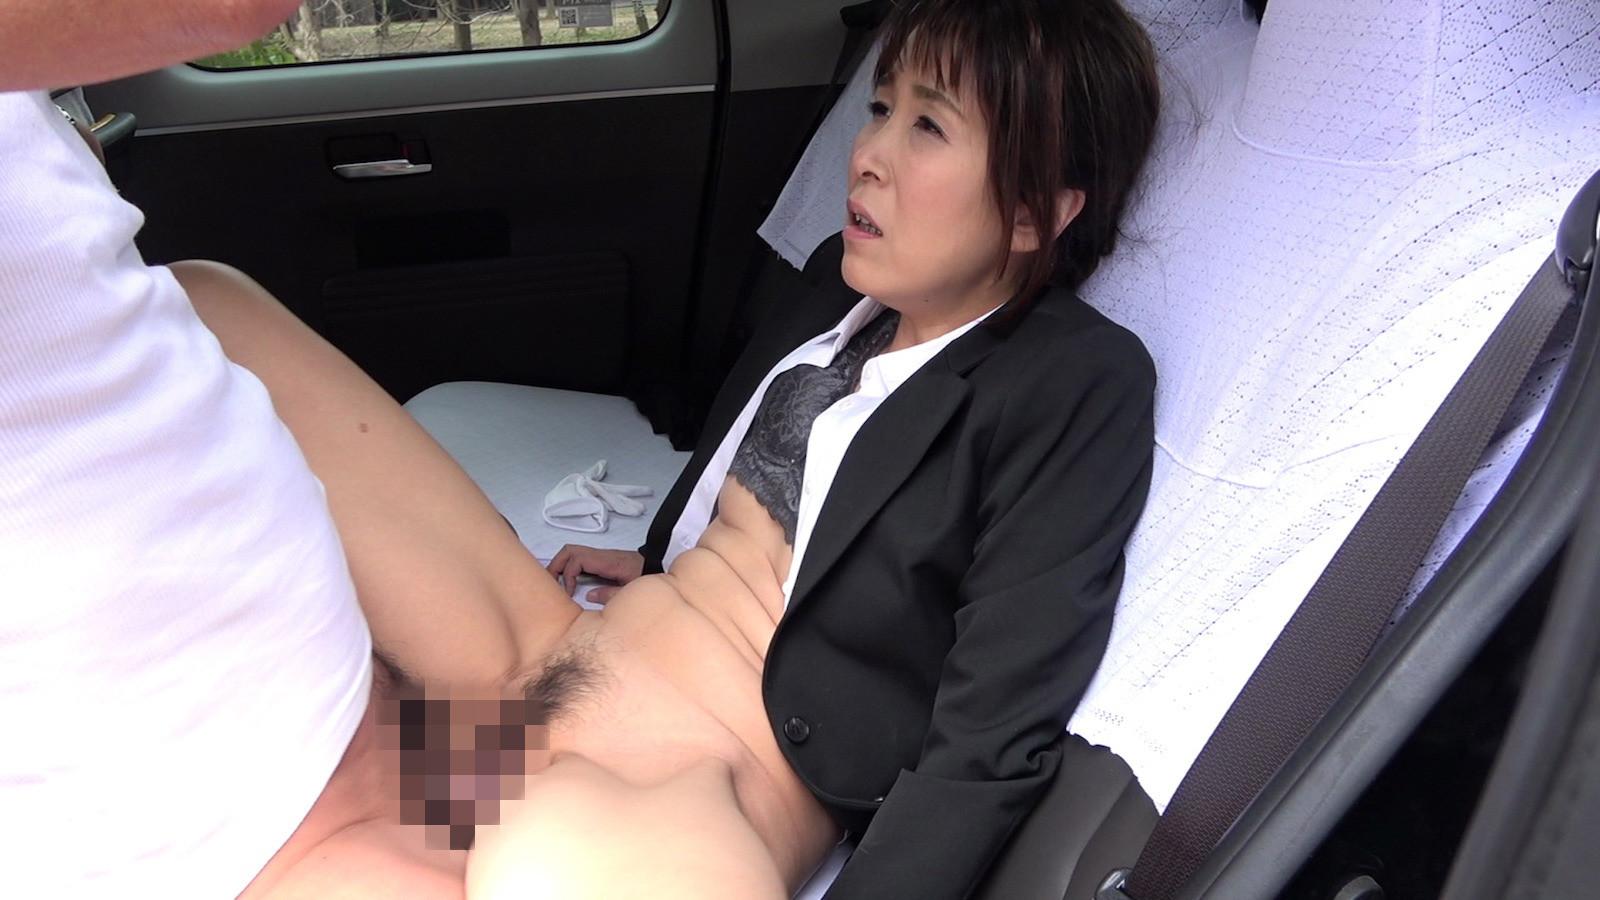 元タクシー女運転手 ~告白実話ドラマ~ 冴木塔子 画像17